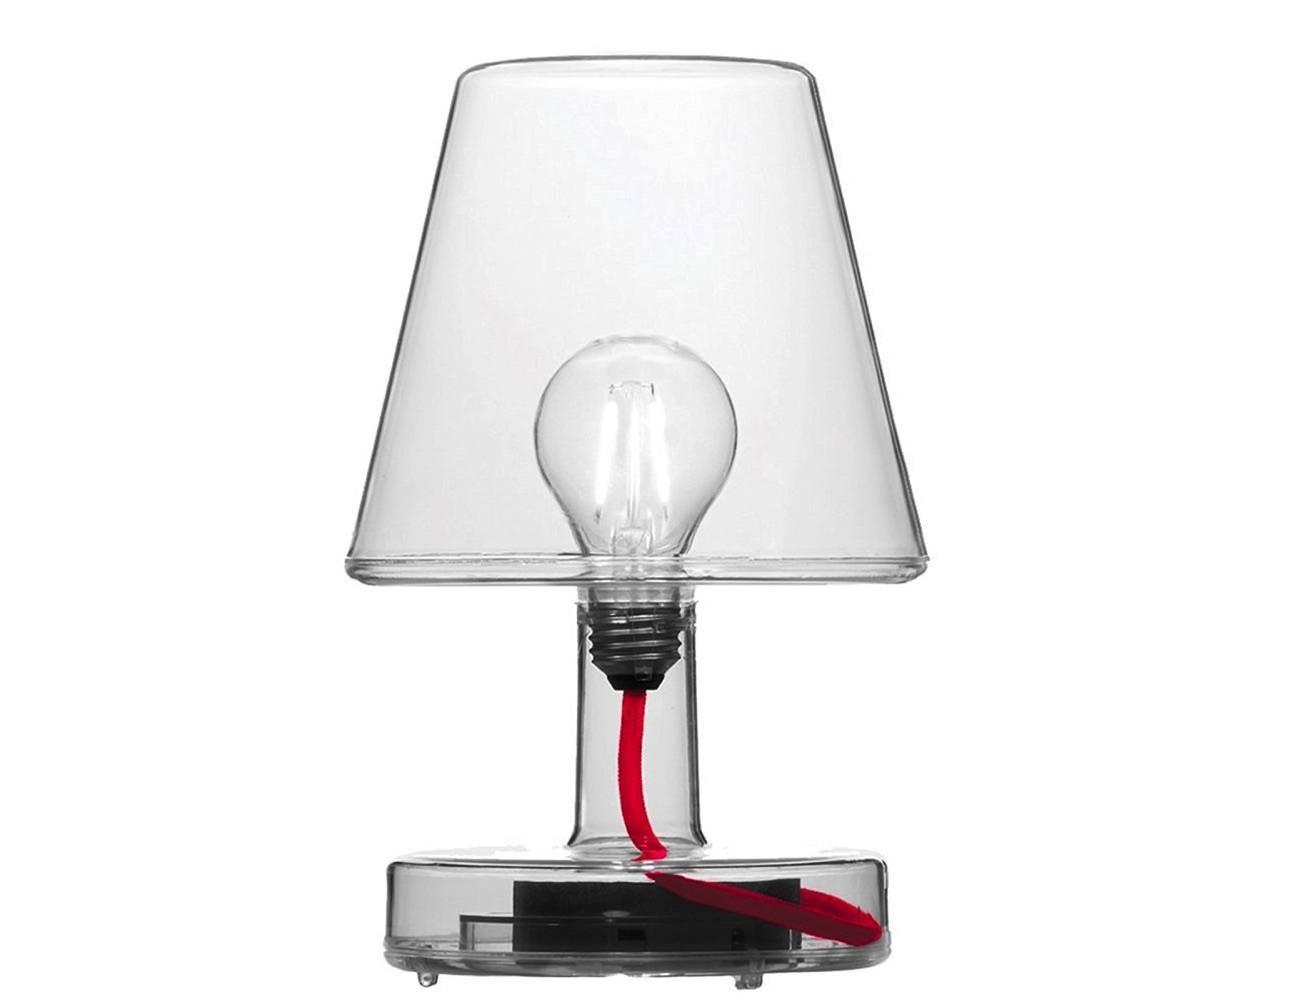 Genial Transloetje Wireless Table Lamp By Fatboy